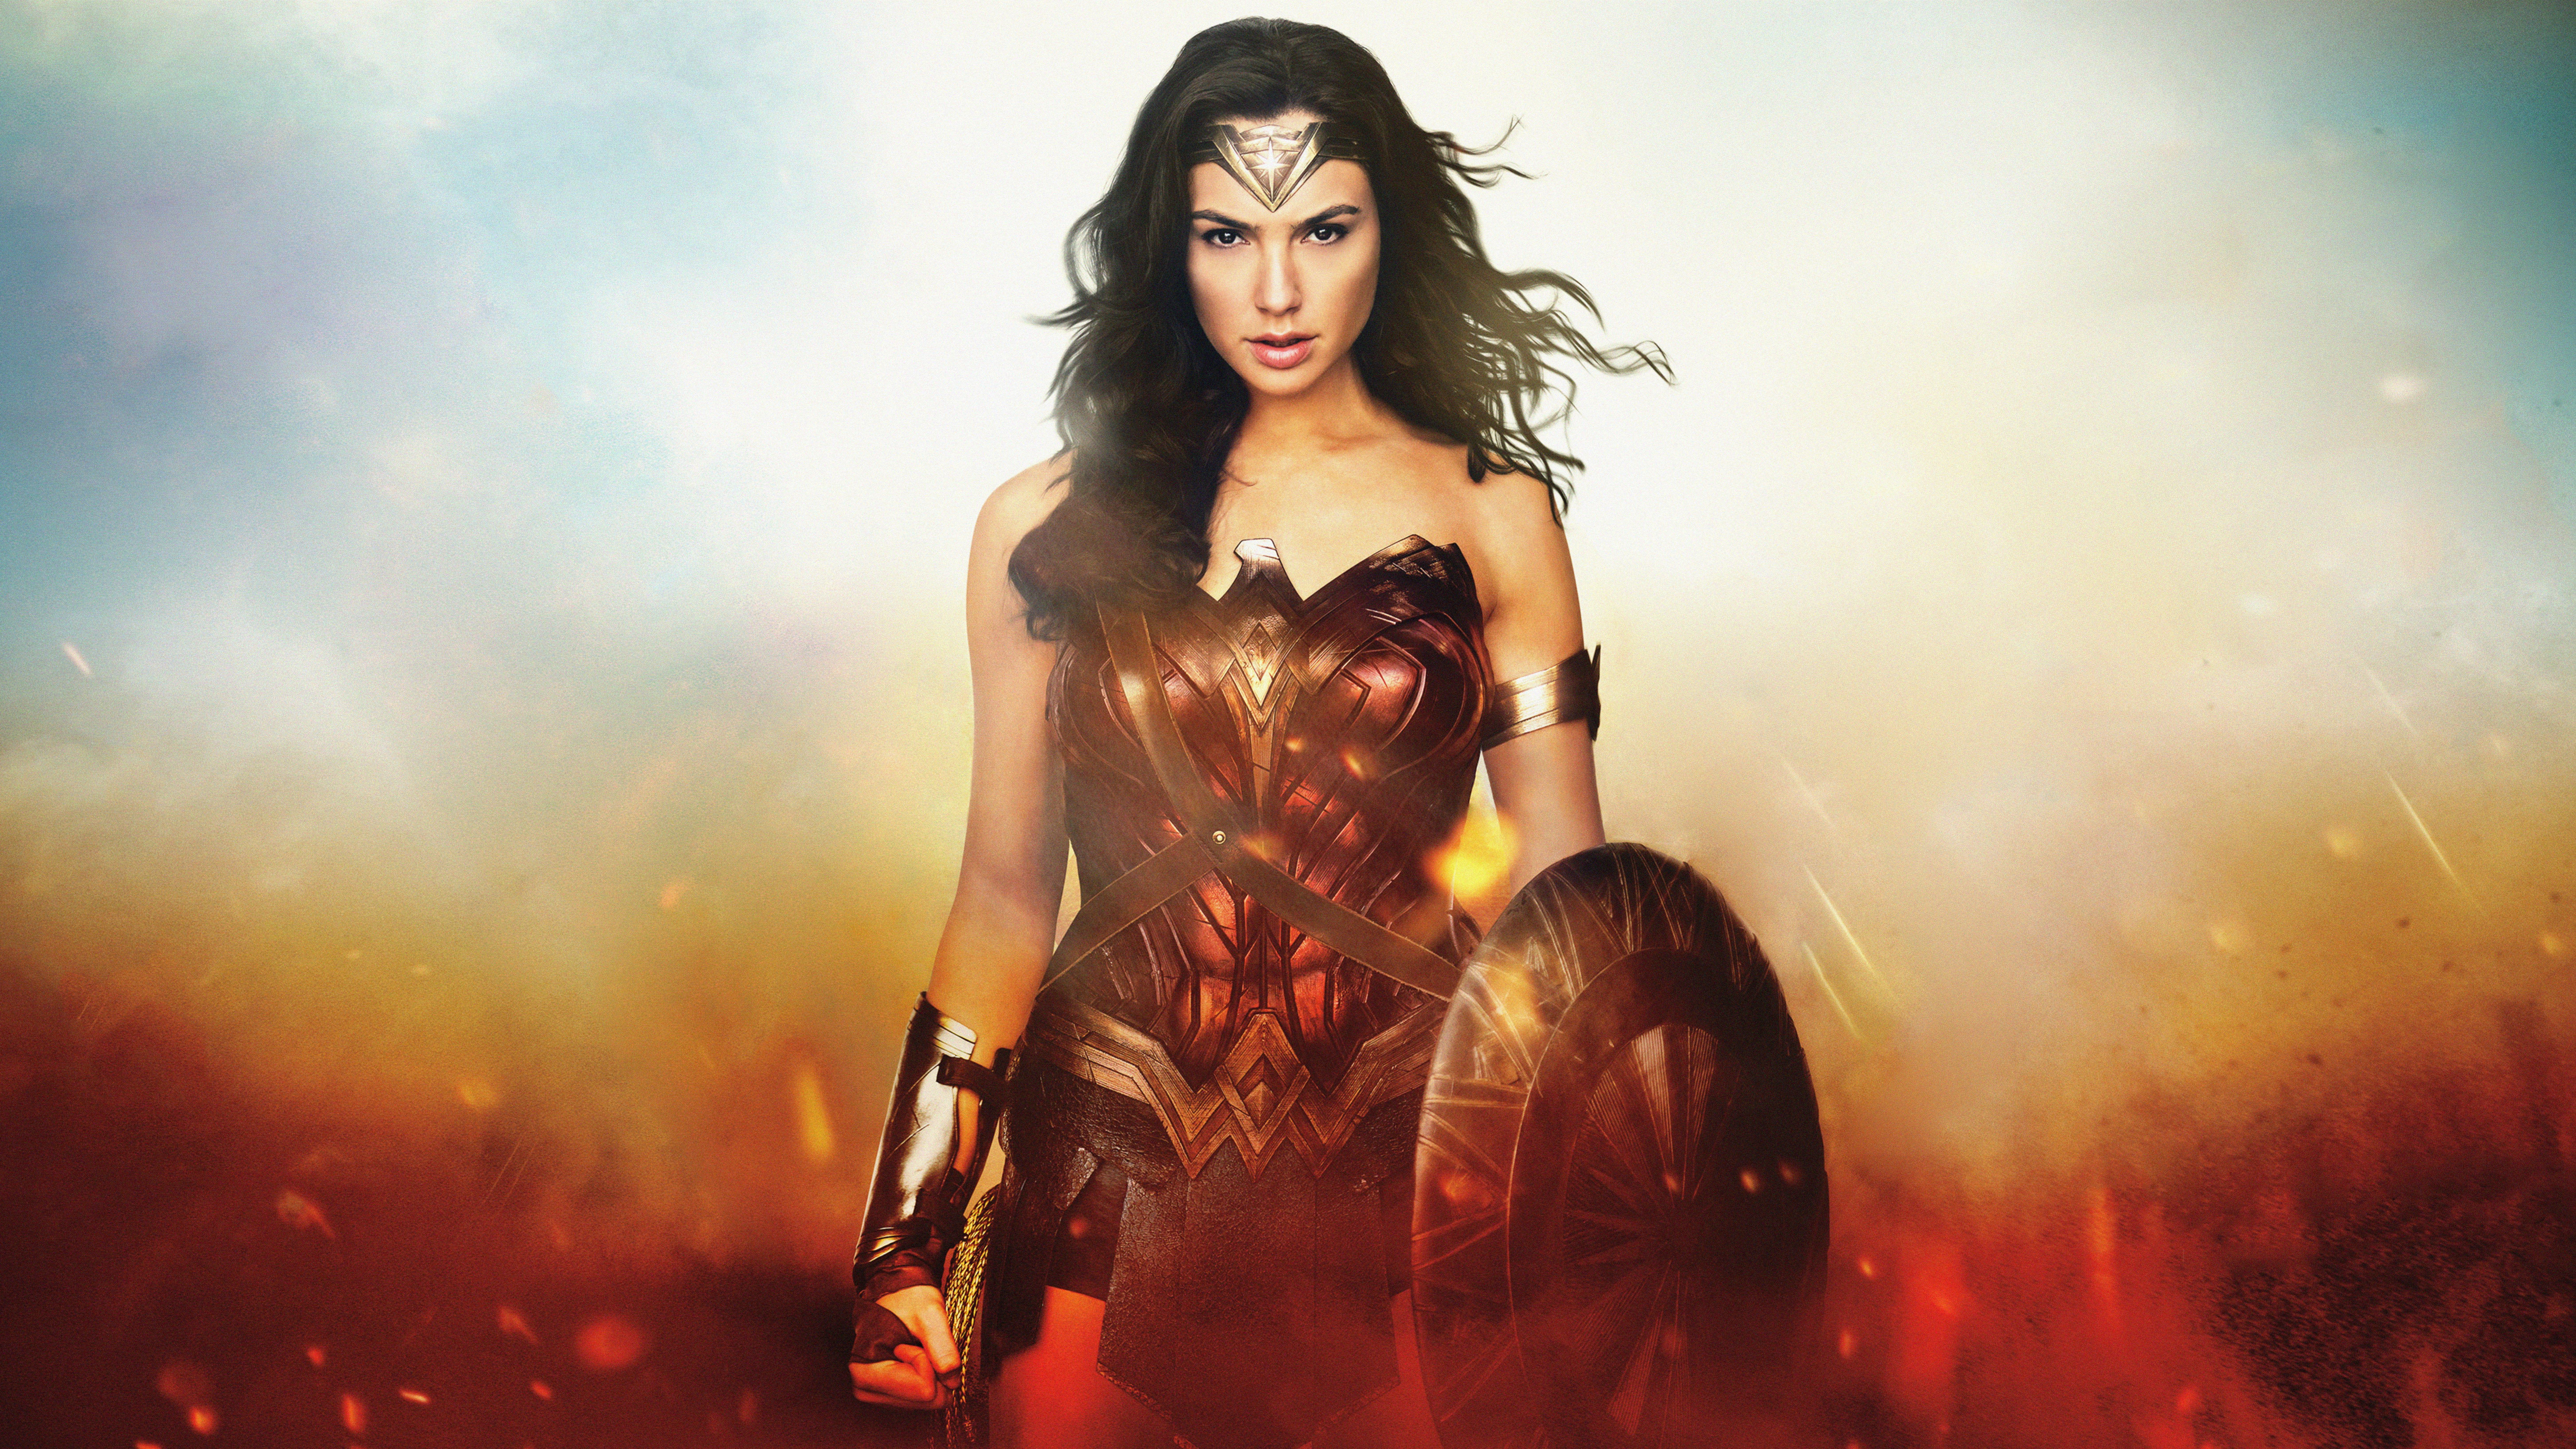 Wonder Woman Hd 4k 5k 8k 10k Gal Gadot 8k Wallpaper